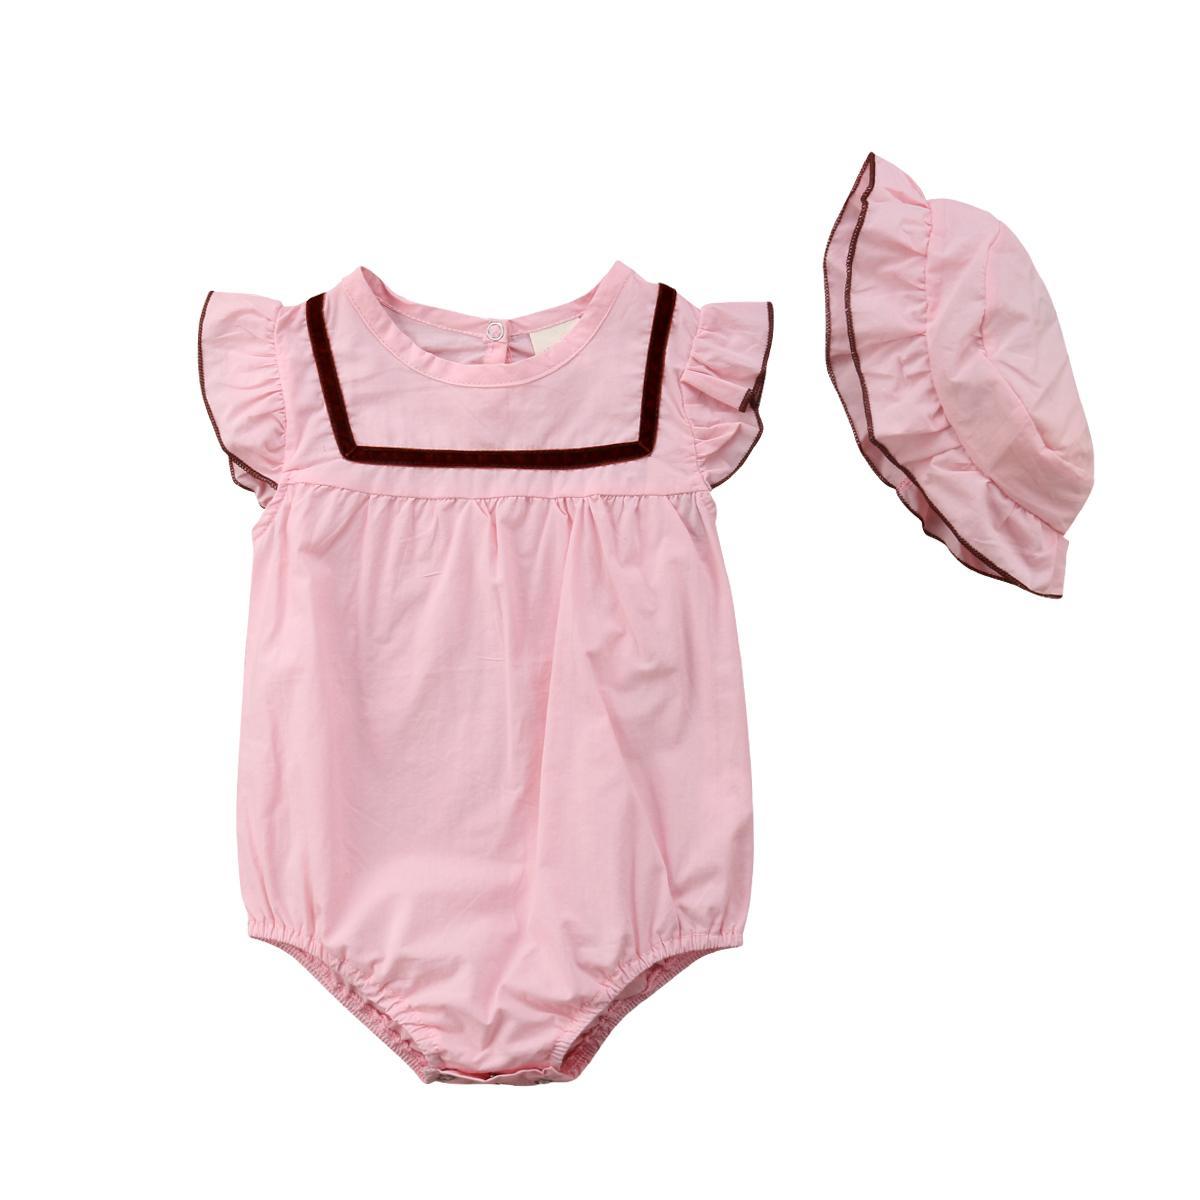 Новорожденный Младенец Девочка Розовый Комбинезон Без Рукавов Боди Sunsuit Cap Лето Из Двух Частей Наряд